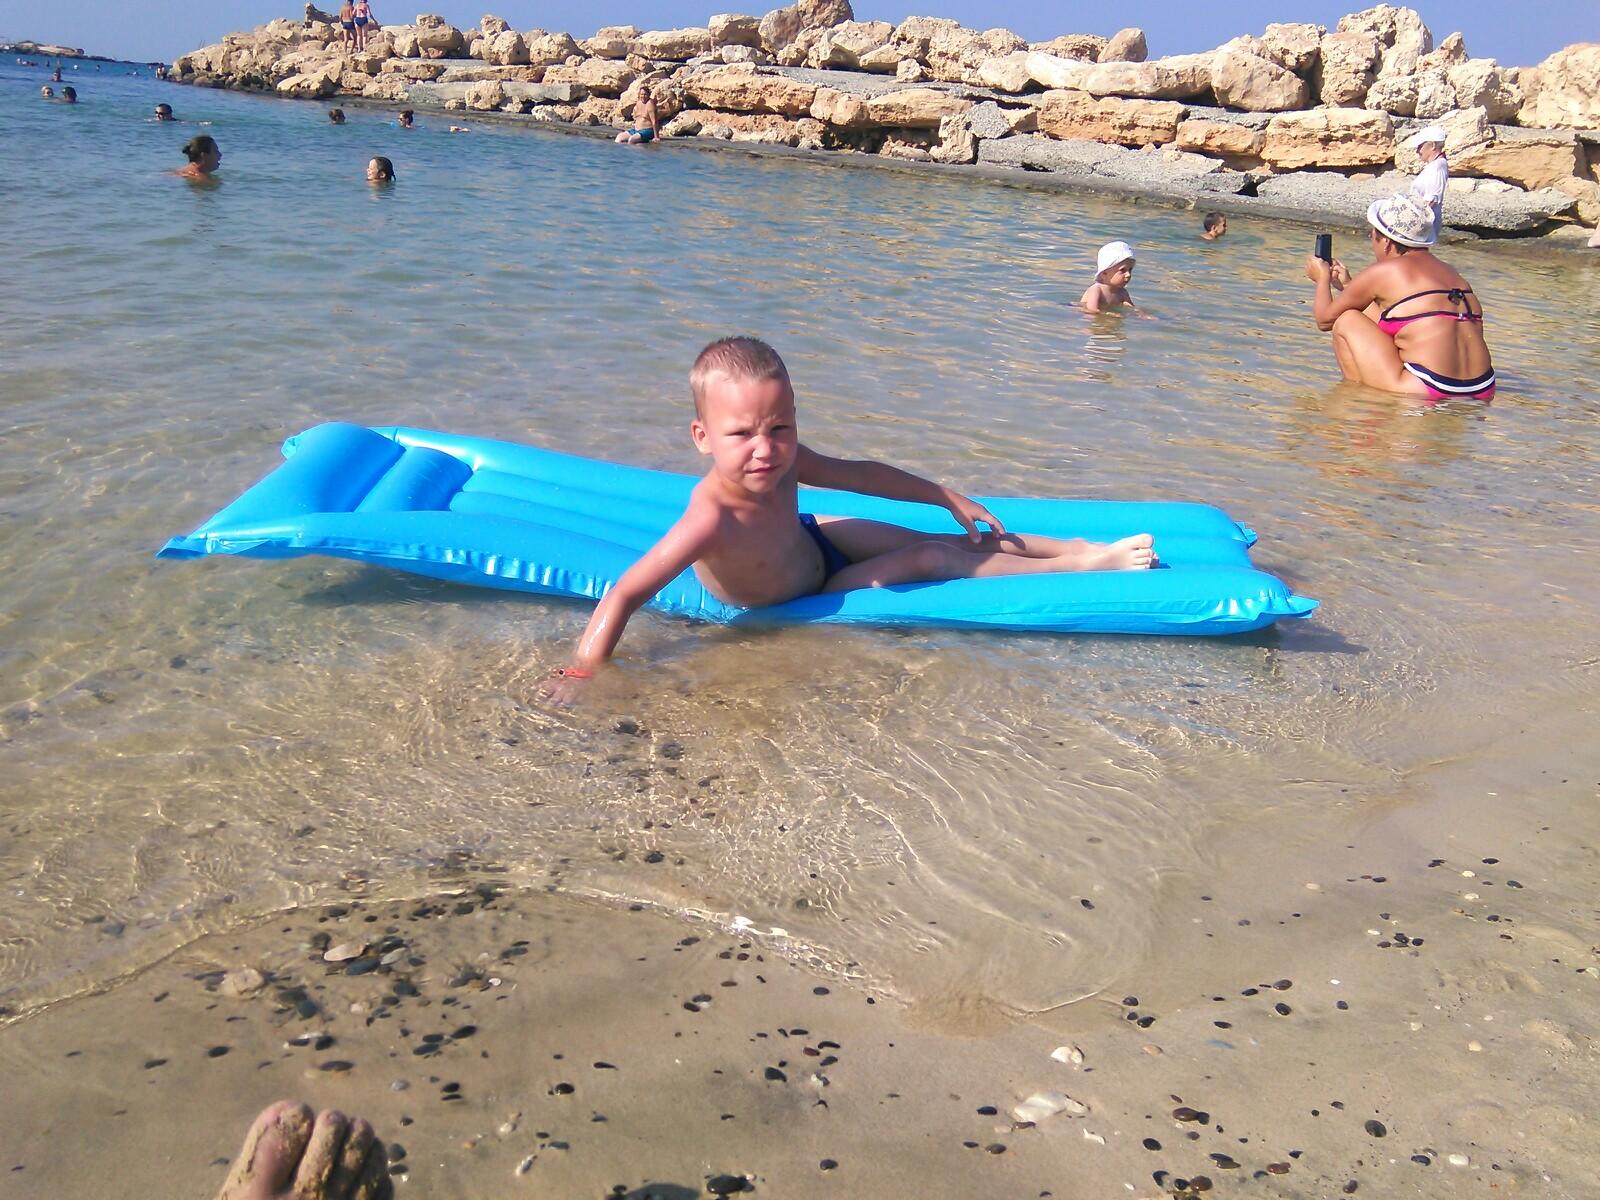 Фотография для конкурса (Отдых у воды). Отдых у воды